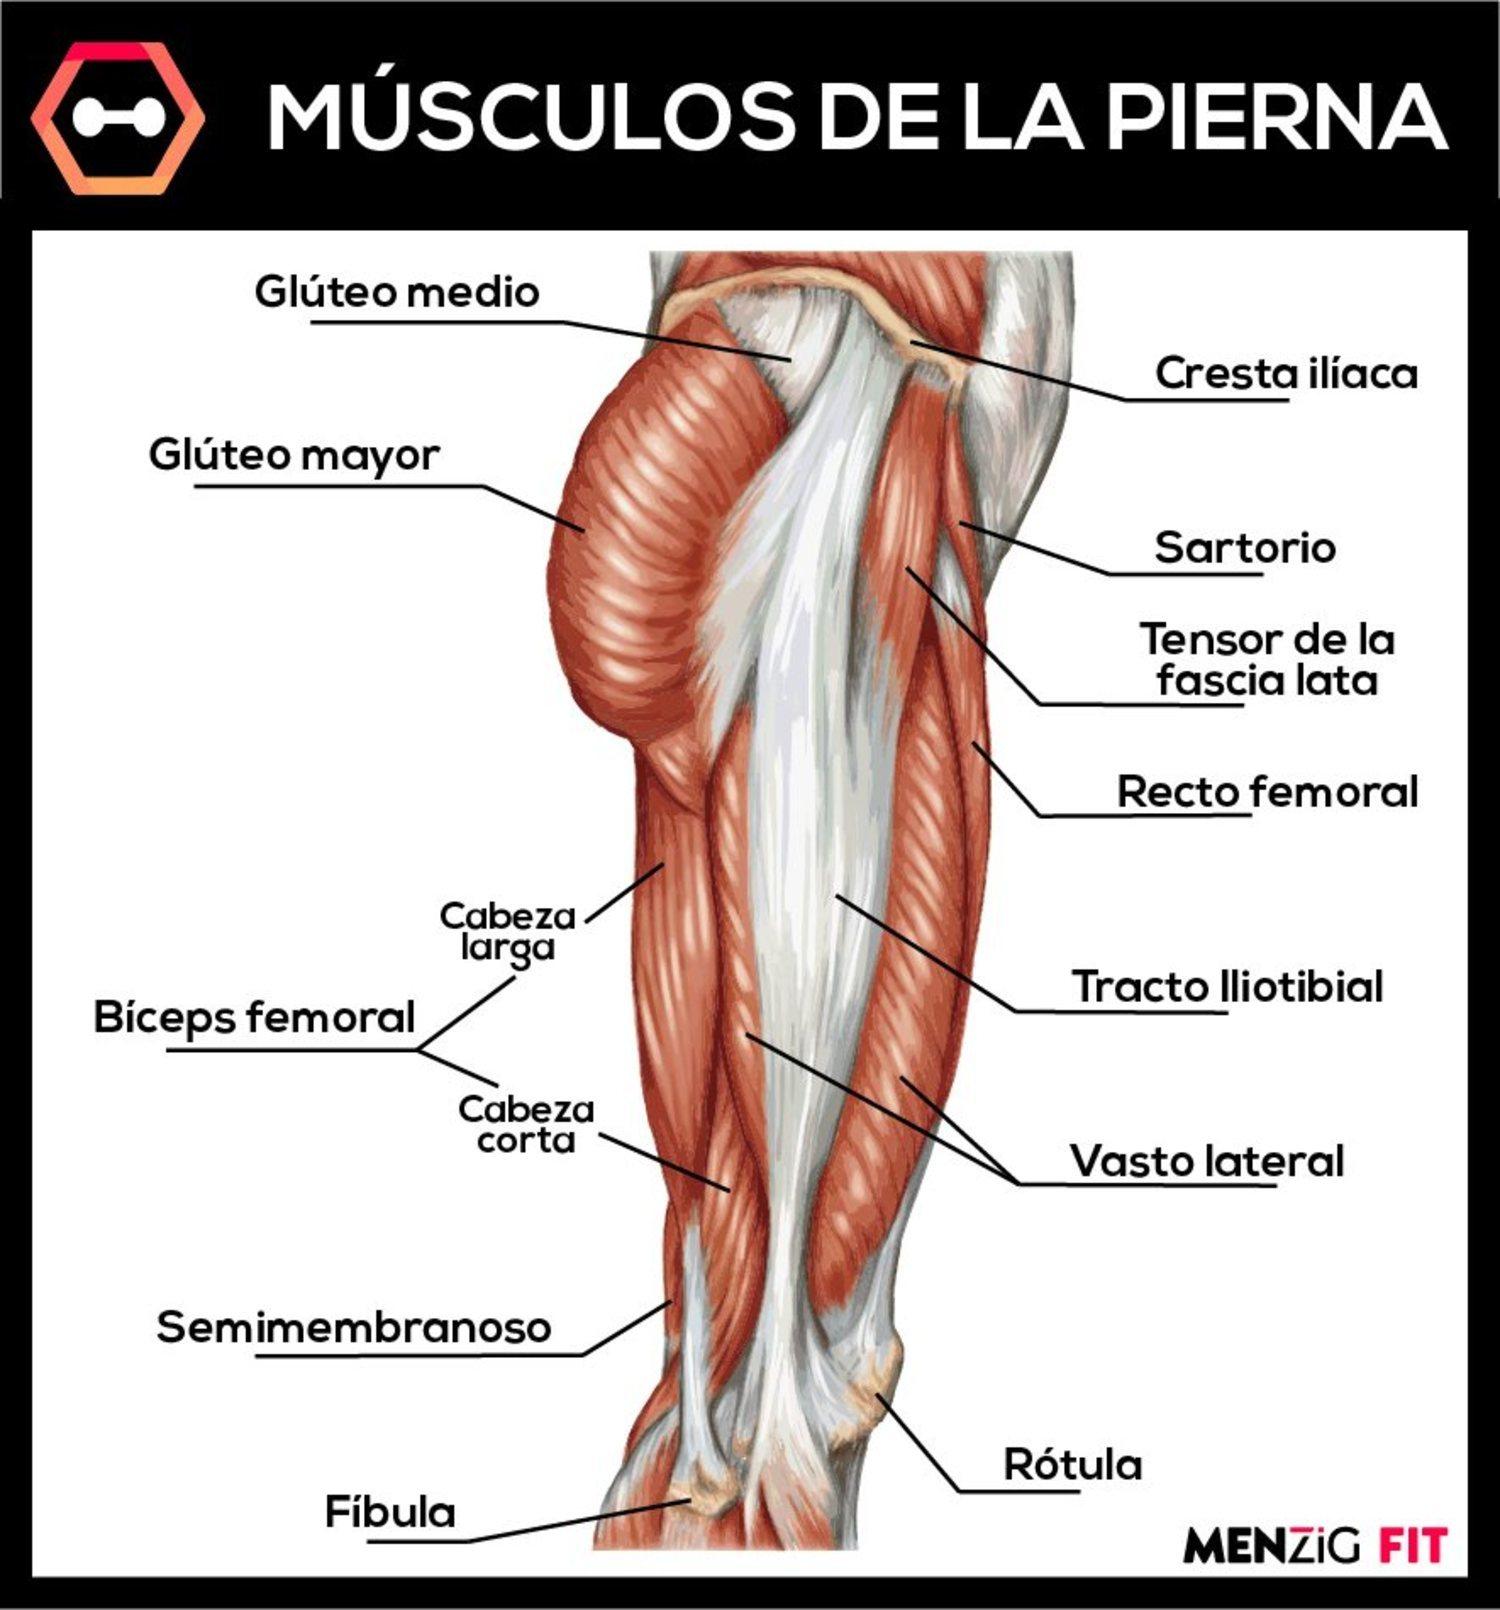 musculos de la pierna parte posterior